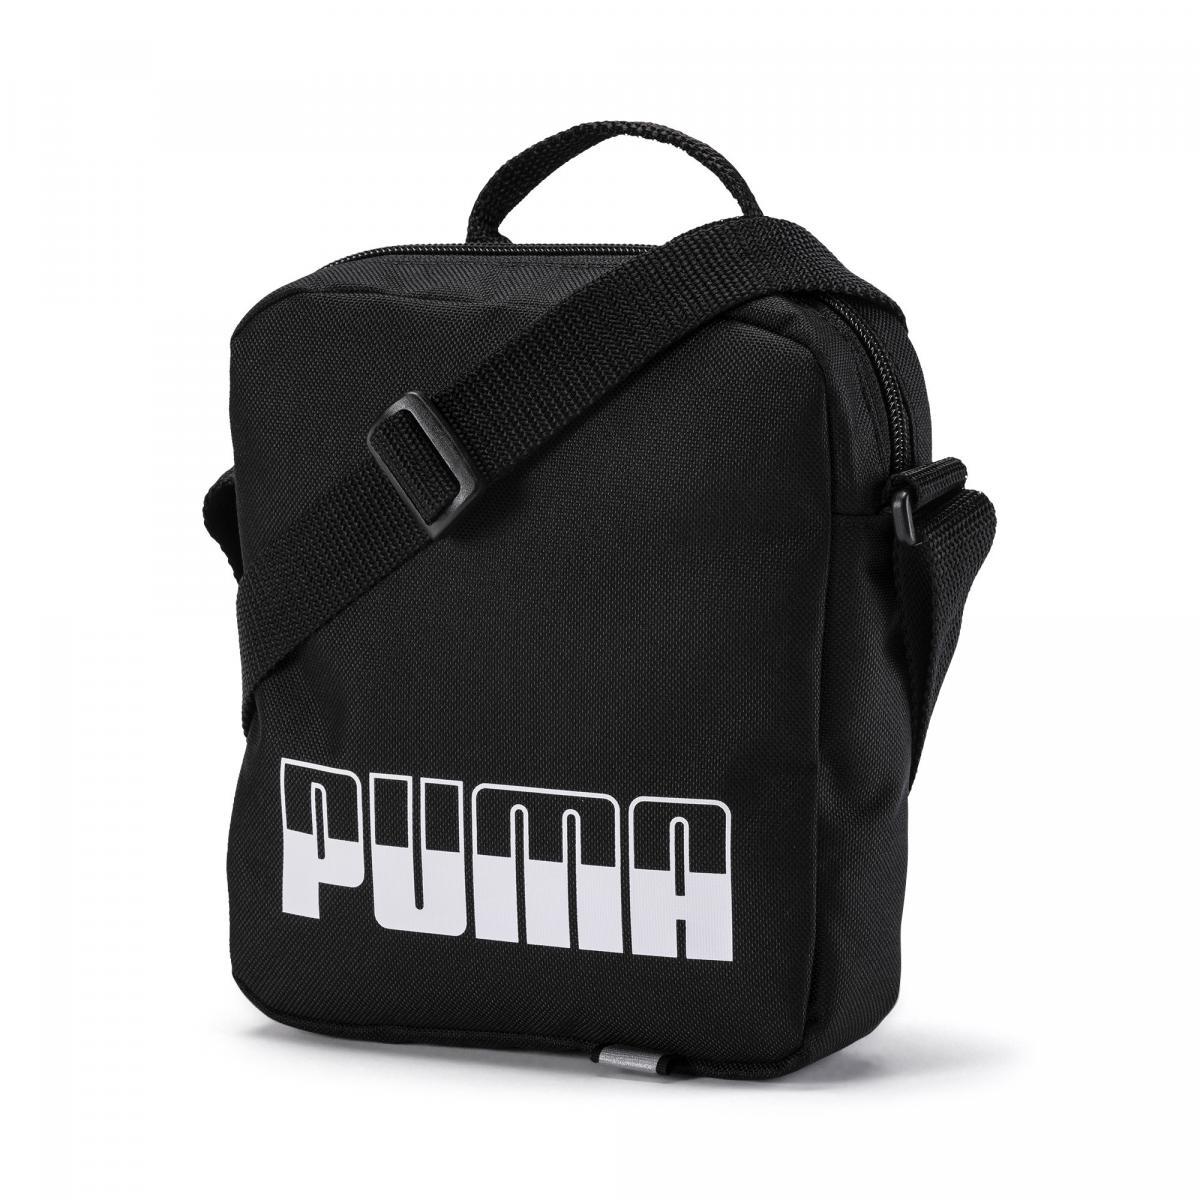 Puma kis oldaltáska fekete